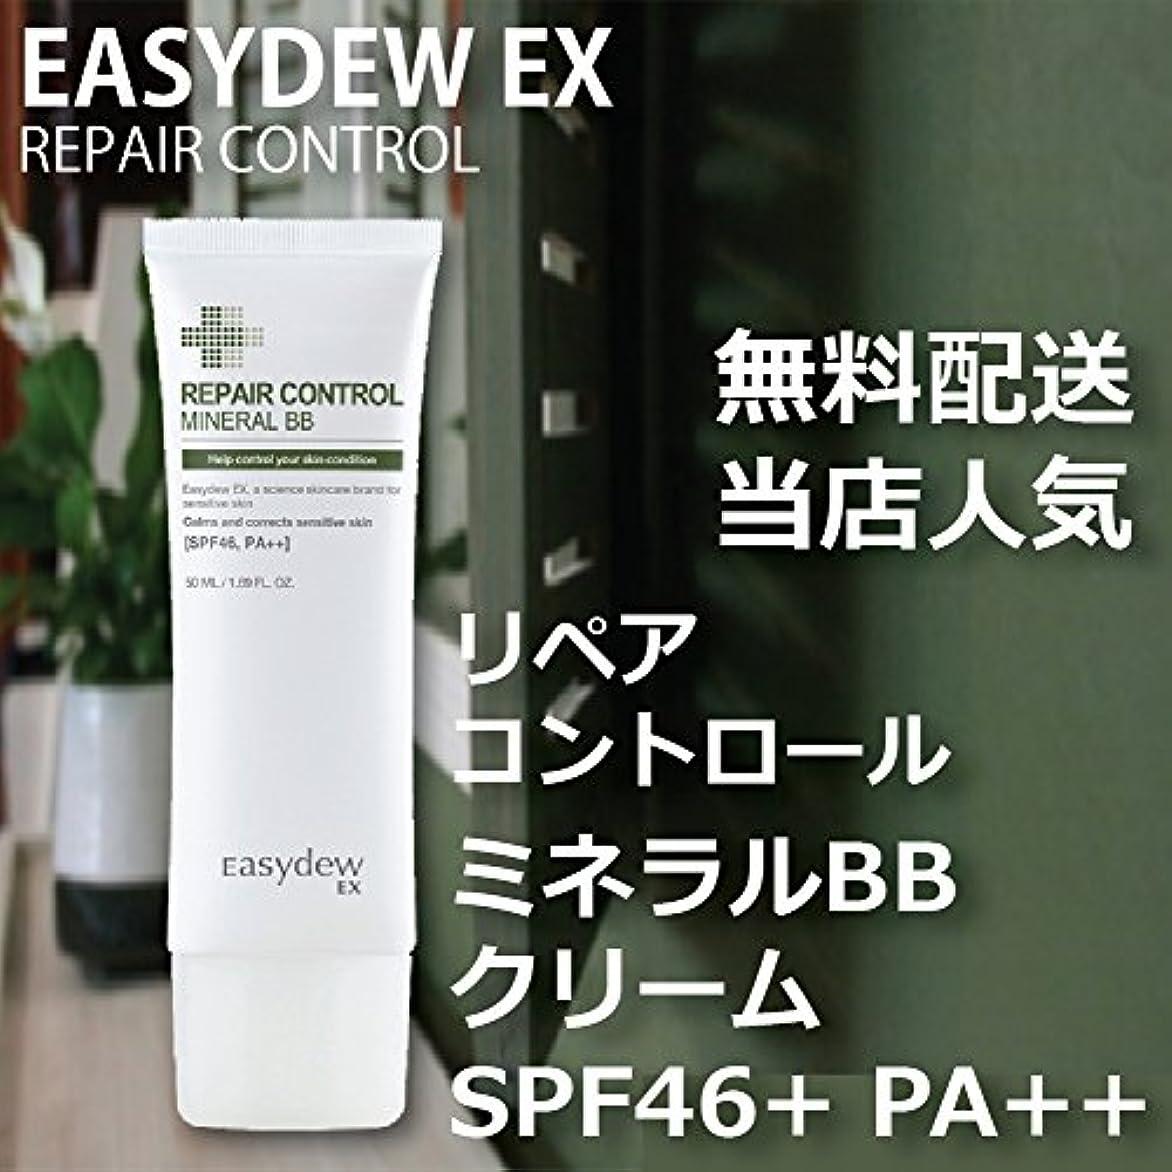 破壊精査アマゾンジャングルEASY DEW EX ミネラル BBクリーム SPF46+ PA++ 50ml MINRAL BB CREAM 韓国 人気 コスメ イージーデュー 敏感 乾燥 美白 しわ 3重機能性